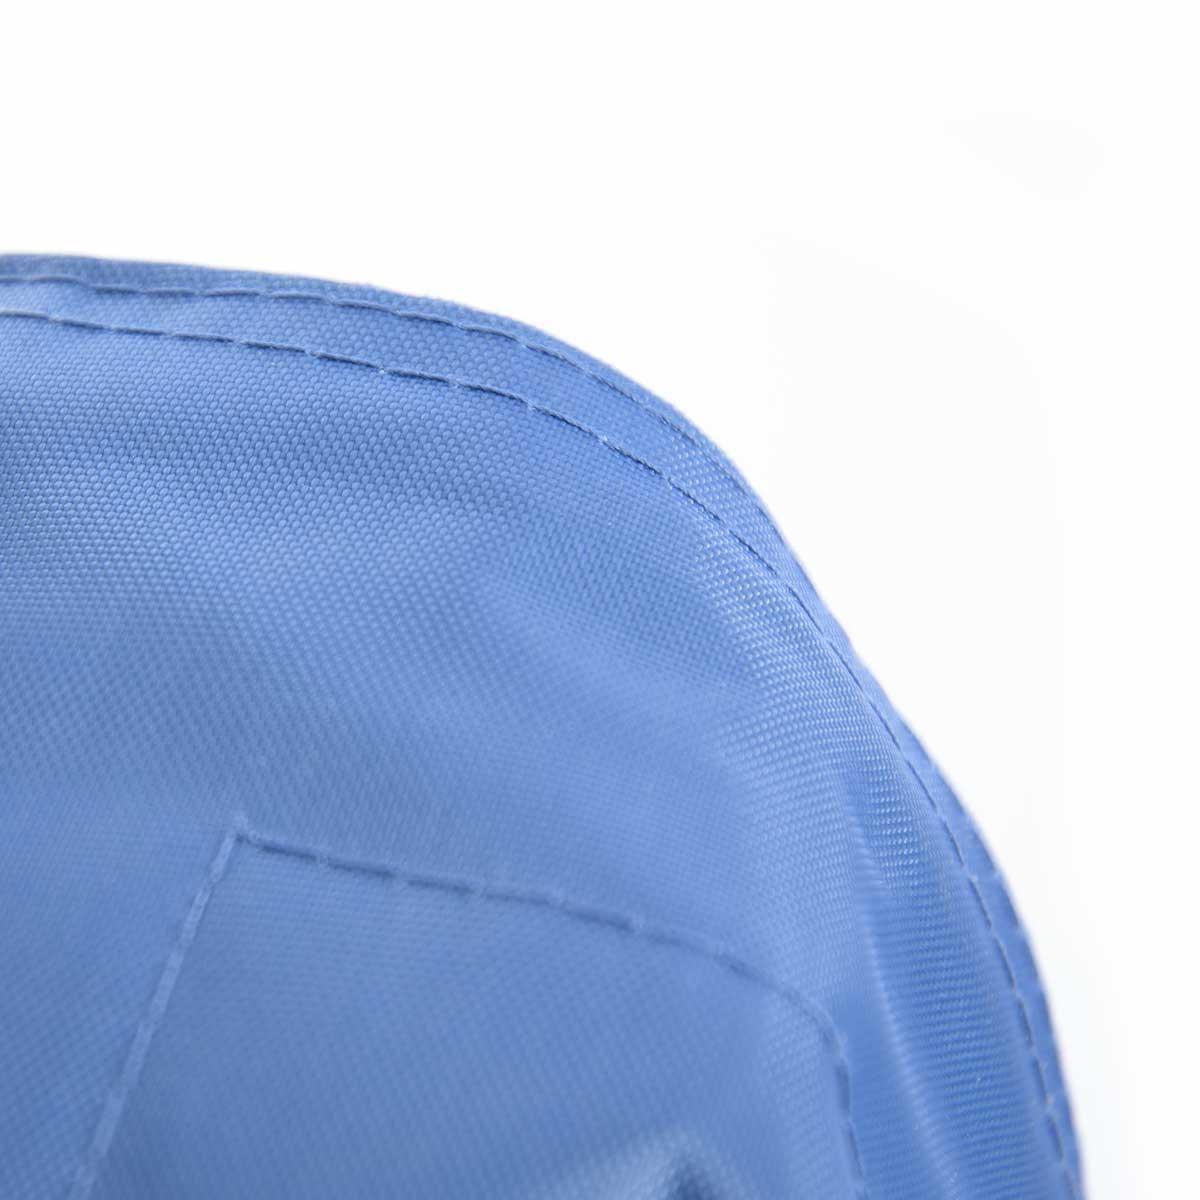 pouf géant extérieur BiG52 CLASSIC bleu canard